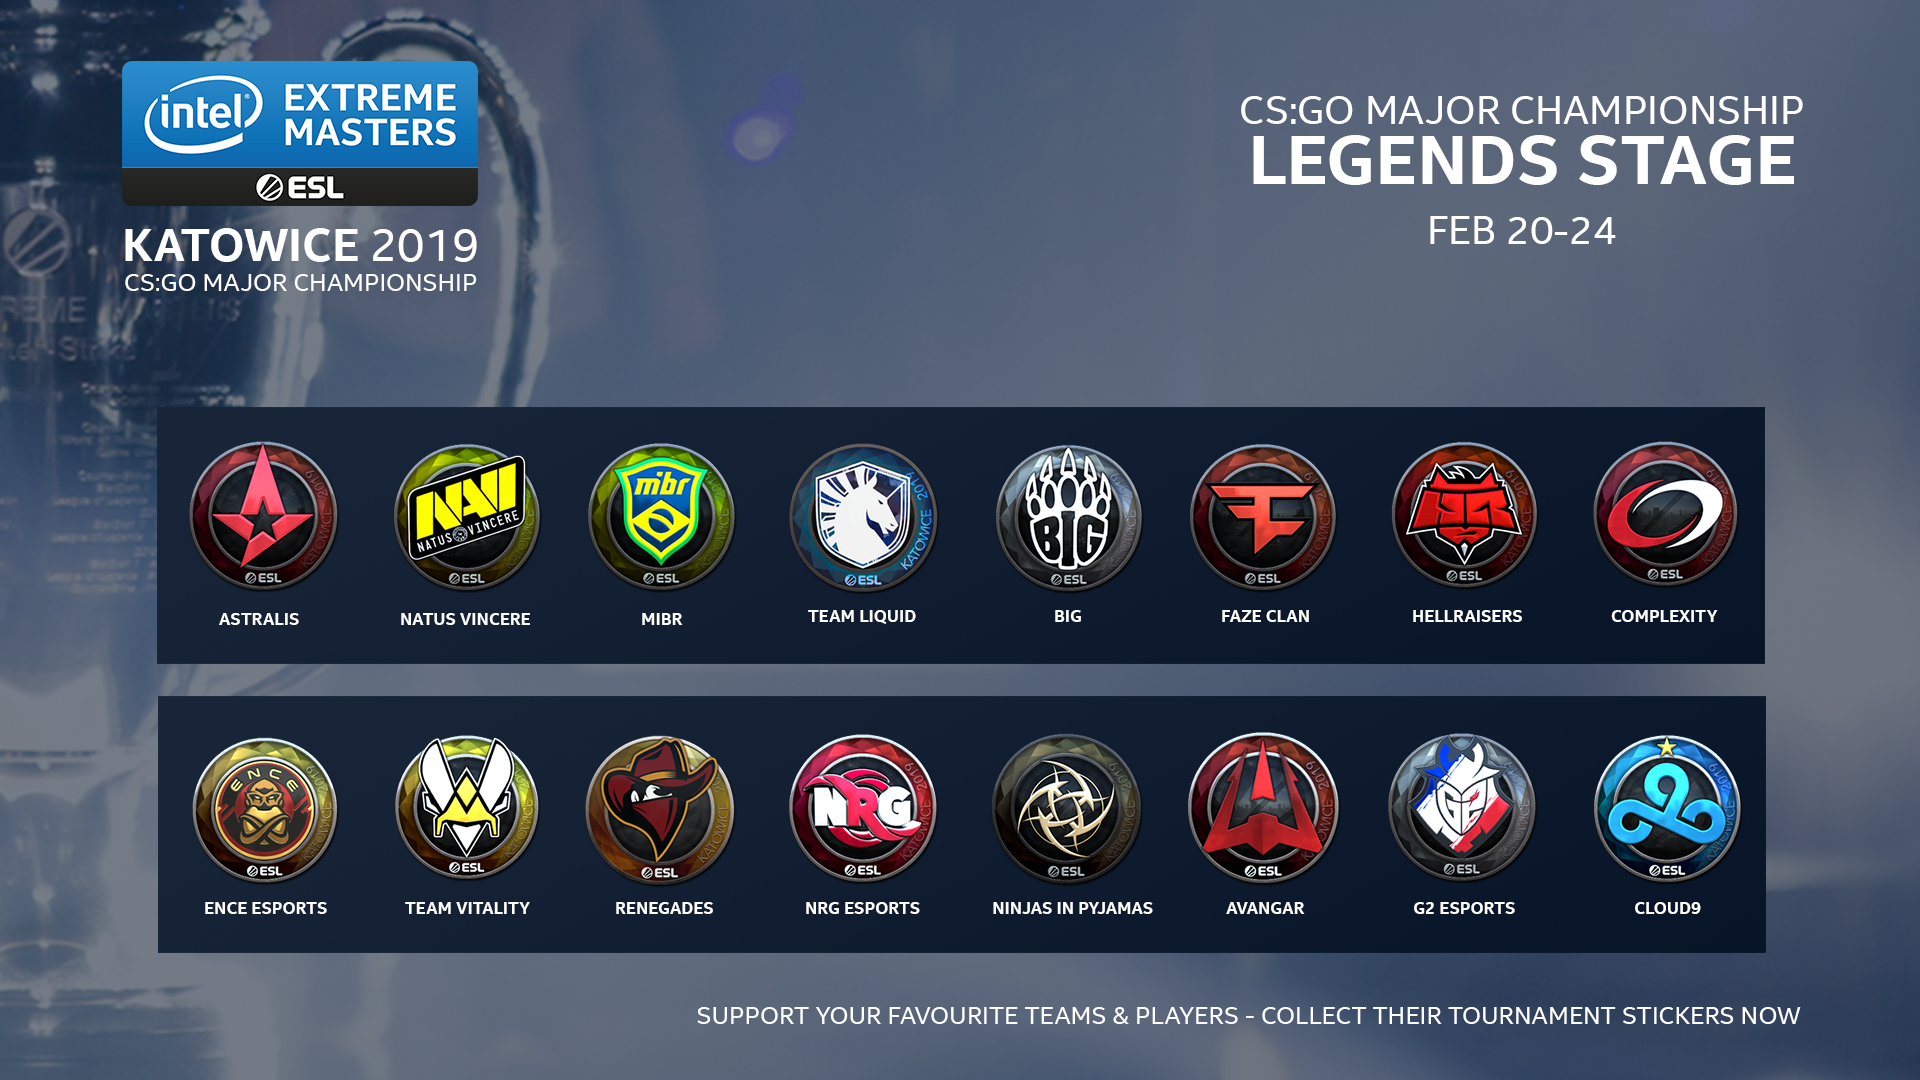 Информация относно етап за легендите на intel EXRTEME MASTERS ESL през значителния CS:GO шампионат Katowice 2019 20 — 24 февруари